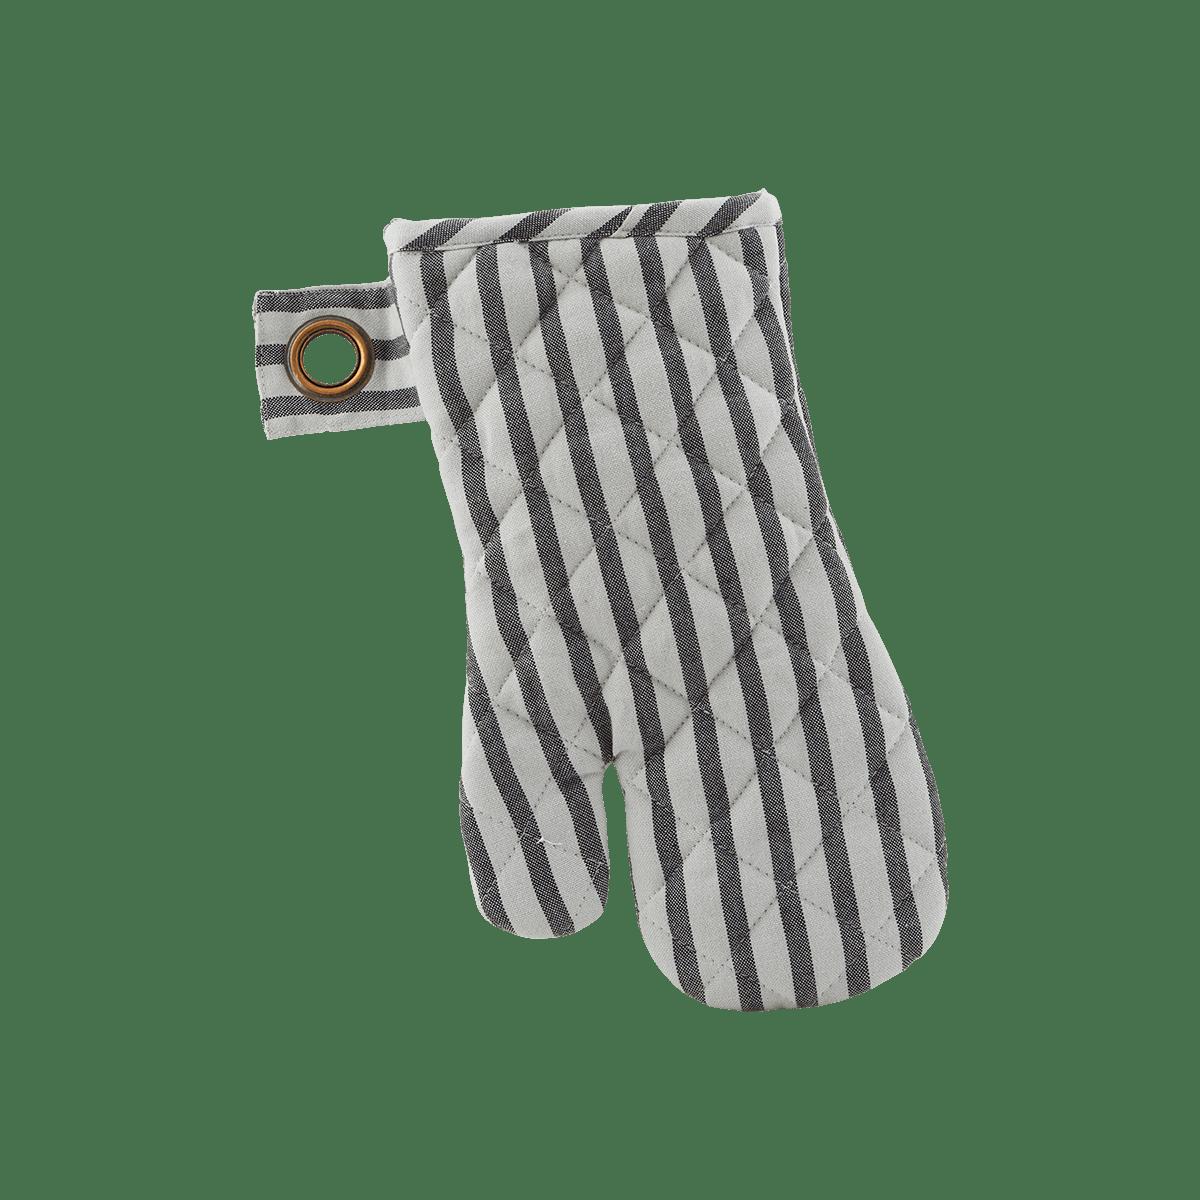 Bíločerná chňapka Stripe - set 2 kusů